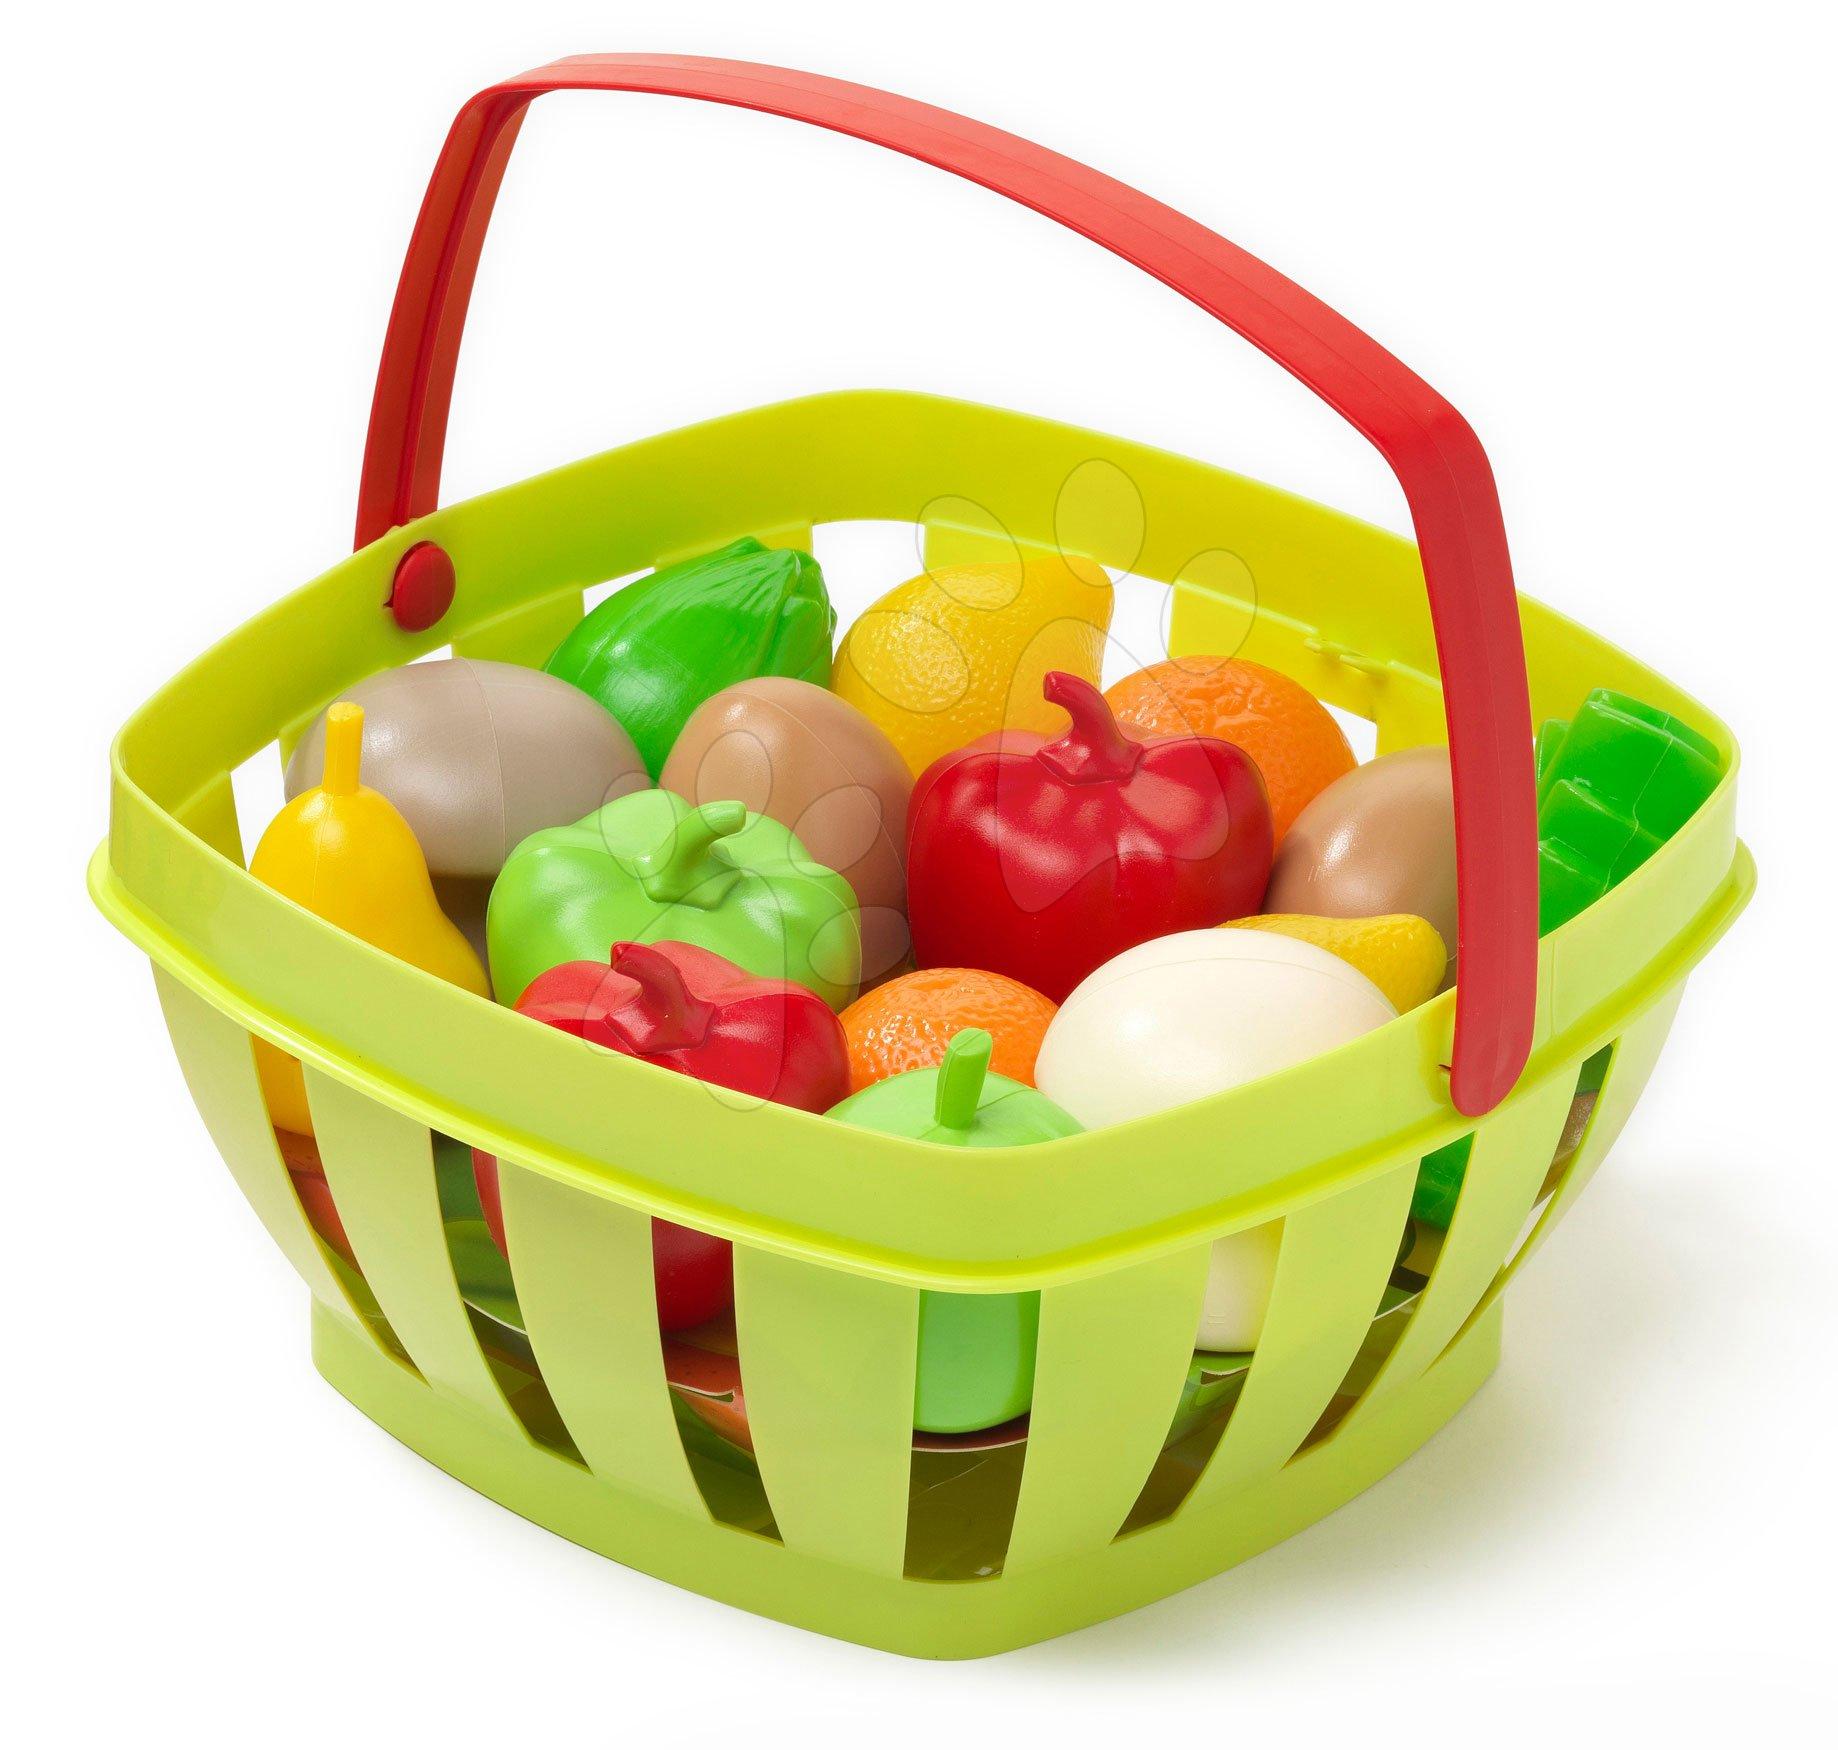 Riadíky a doplnky kuchynky - Košík s ovocím a zeleninou Écoiffier od 24 mes